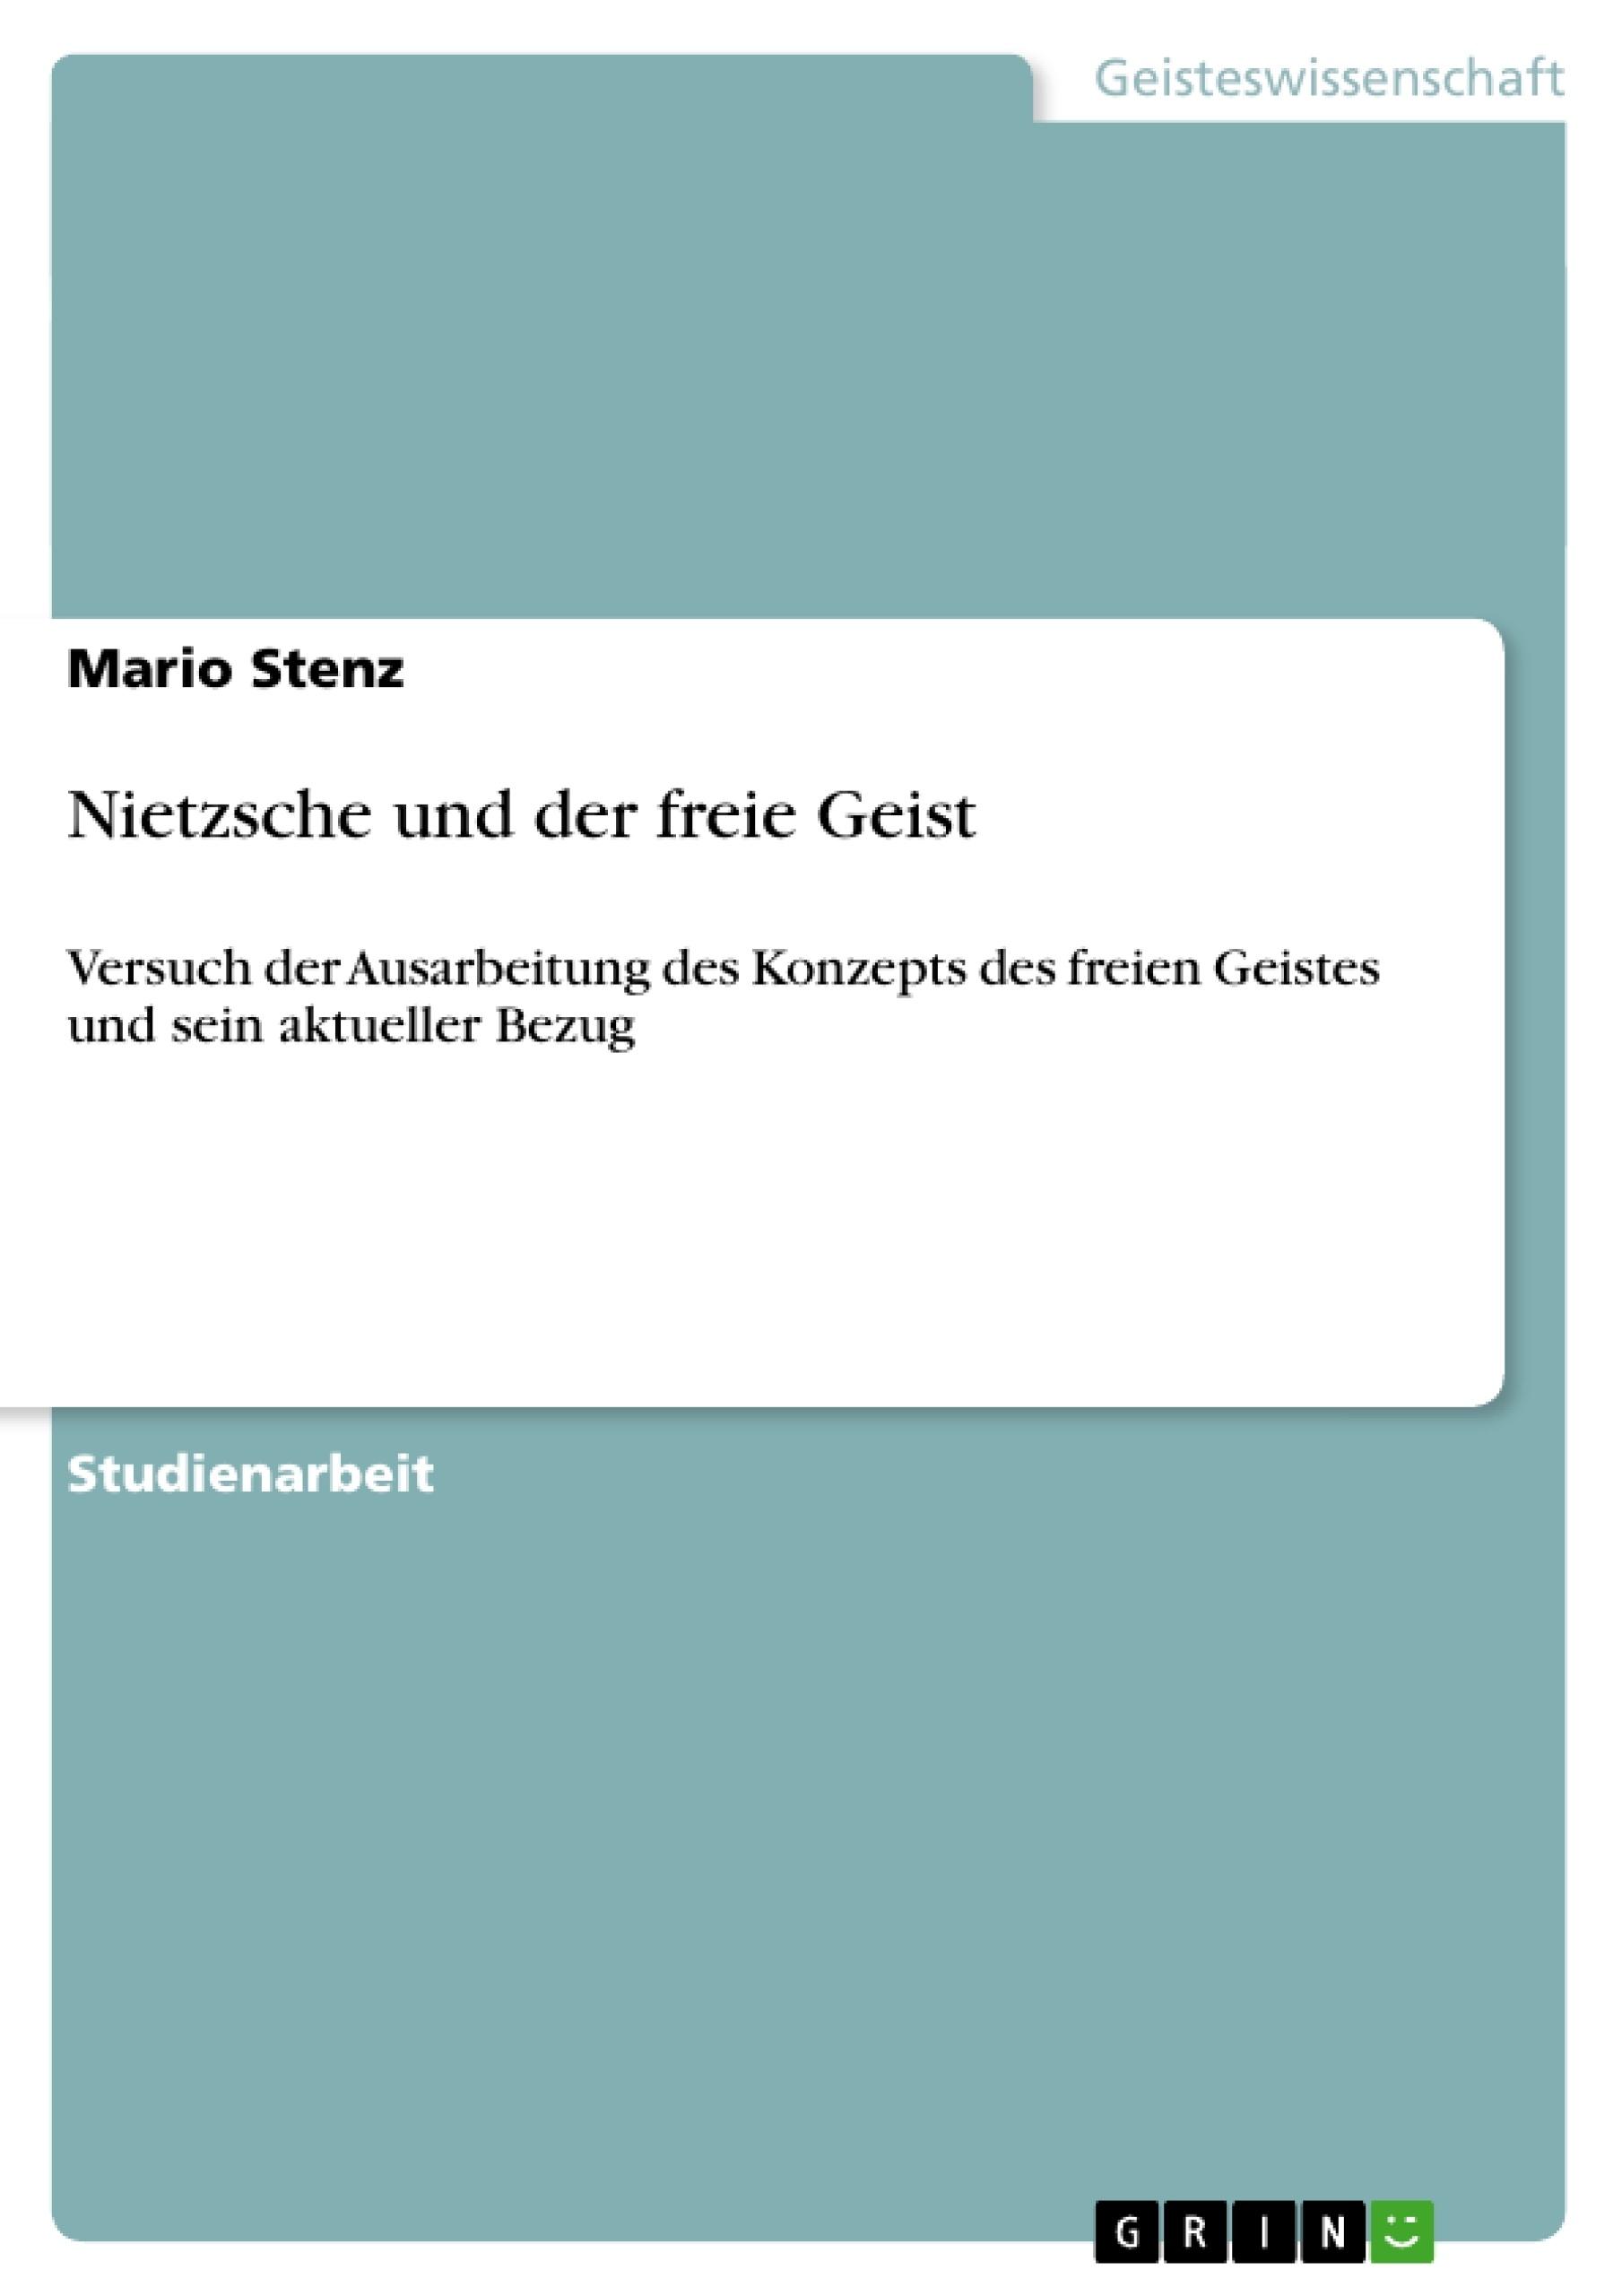 Titel: Nietzsche und der freie Geist